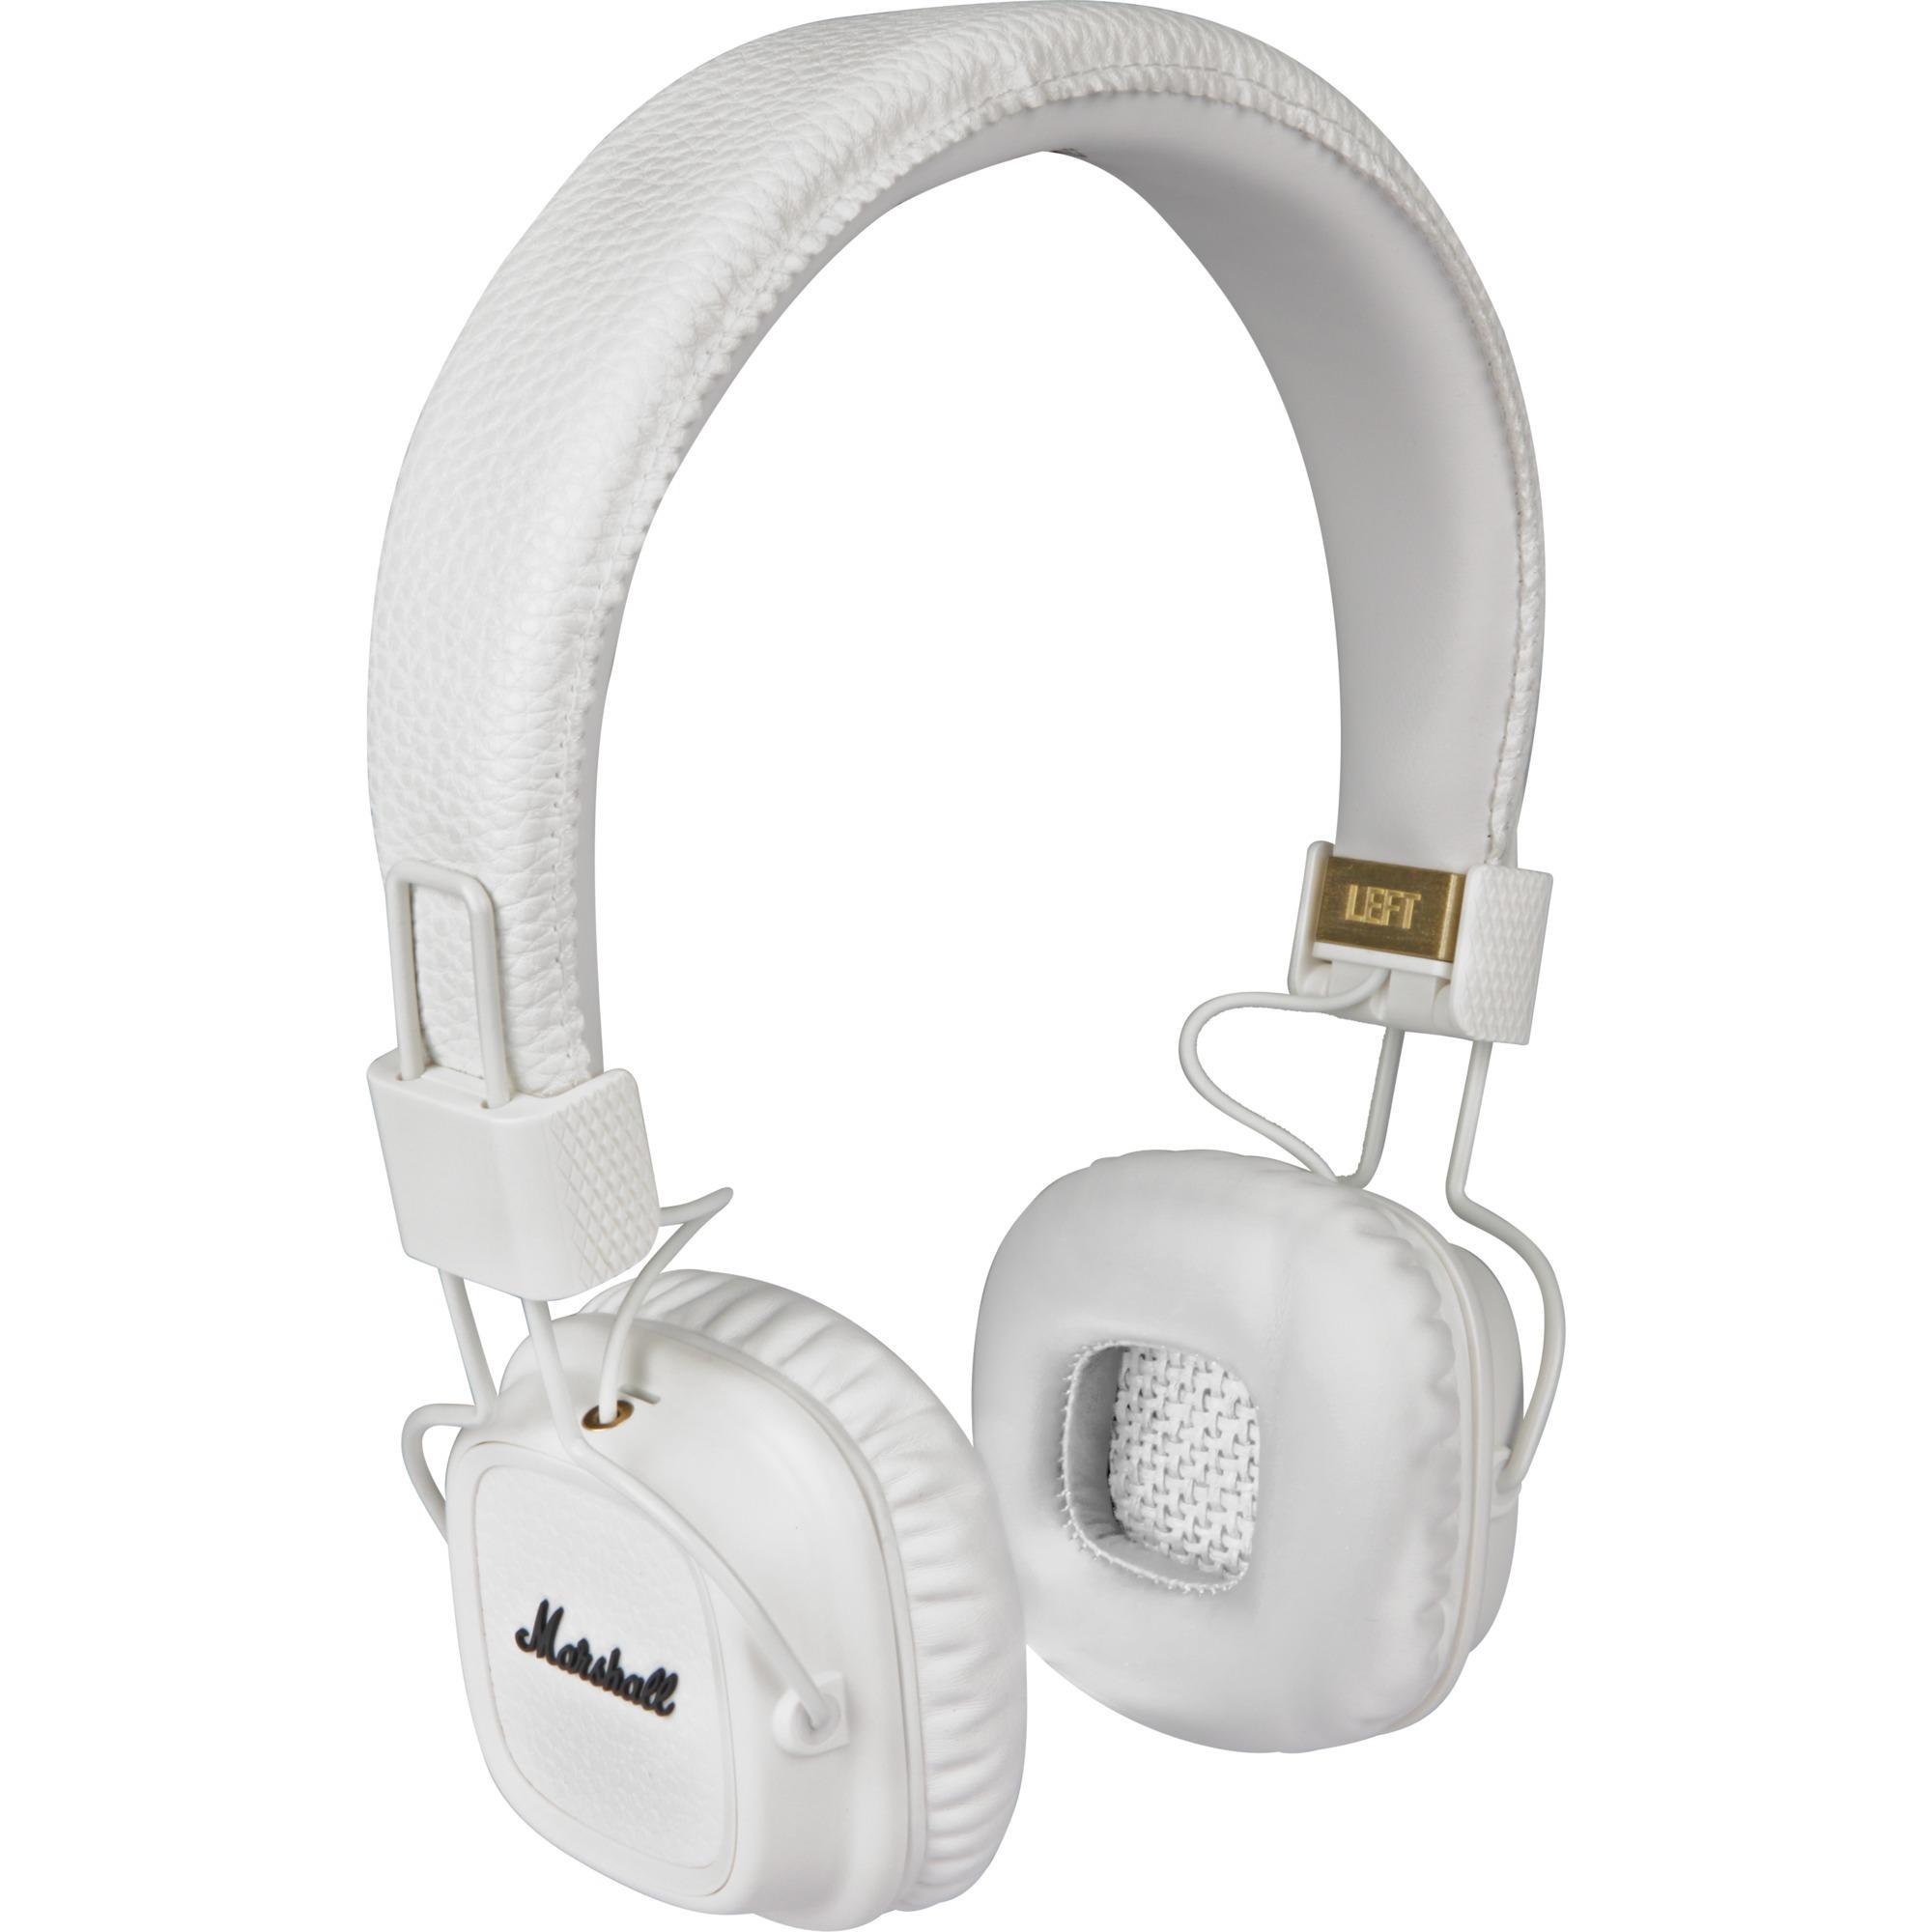 Major II auricular Supraaural Diadema Blanco, Auriculares con micrófono